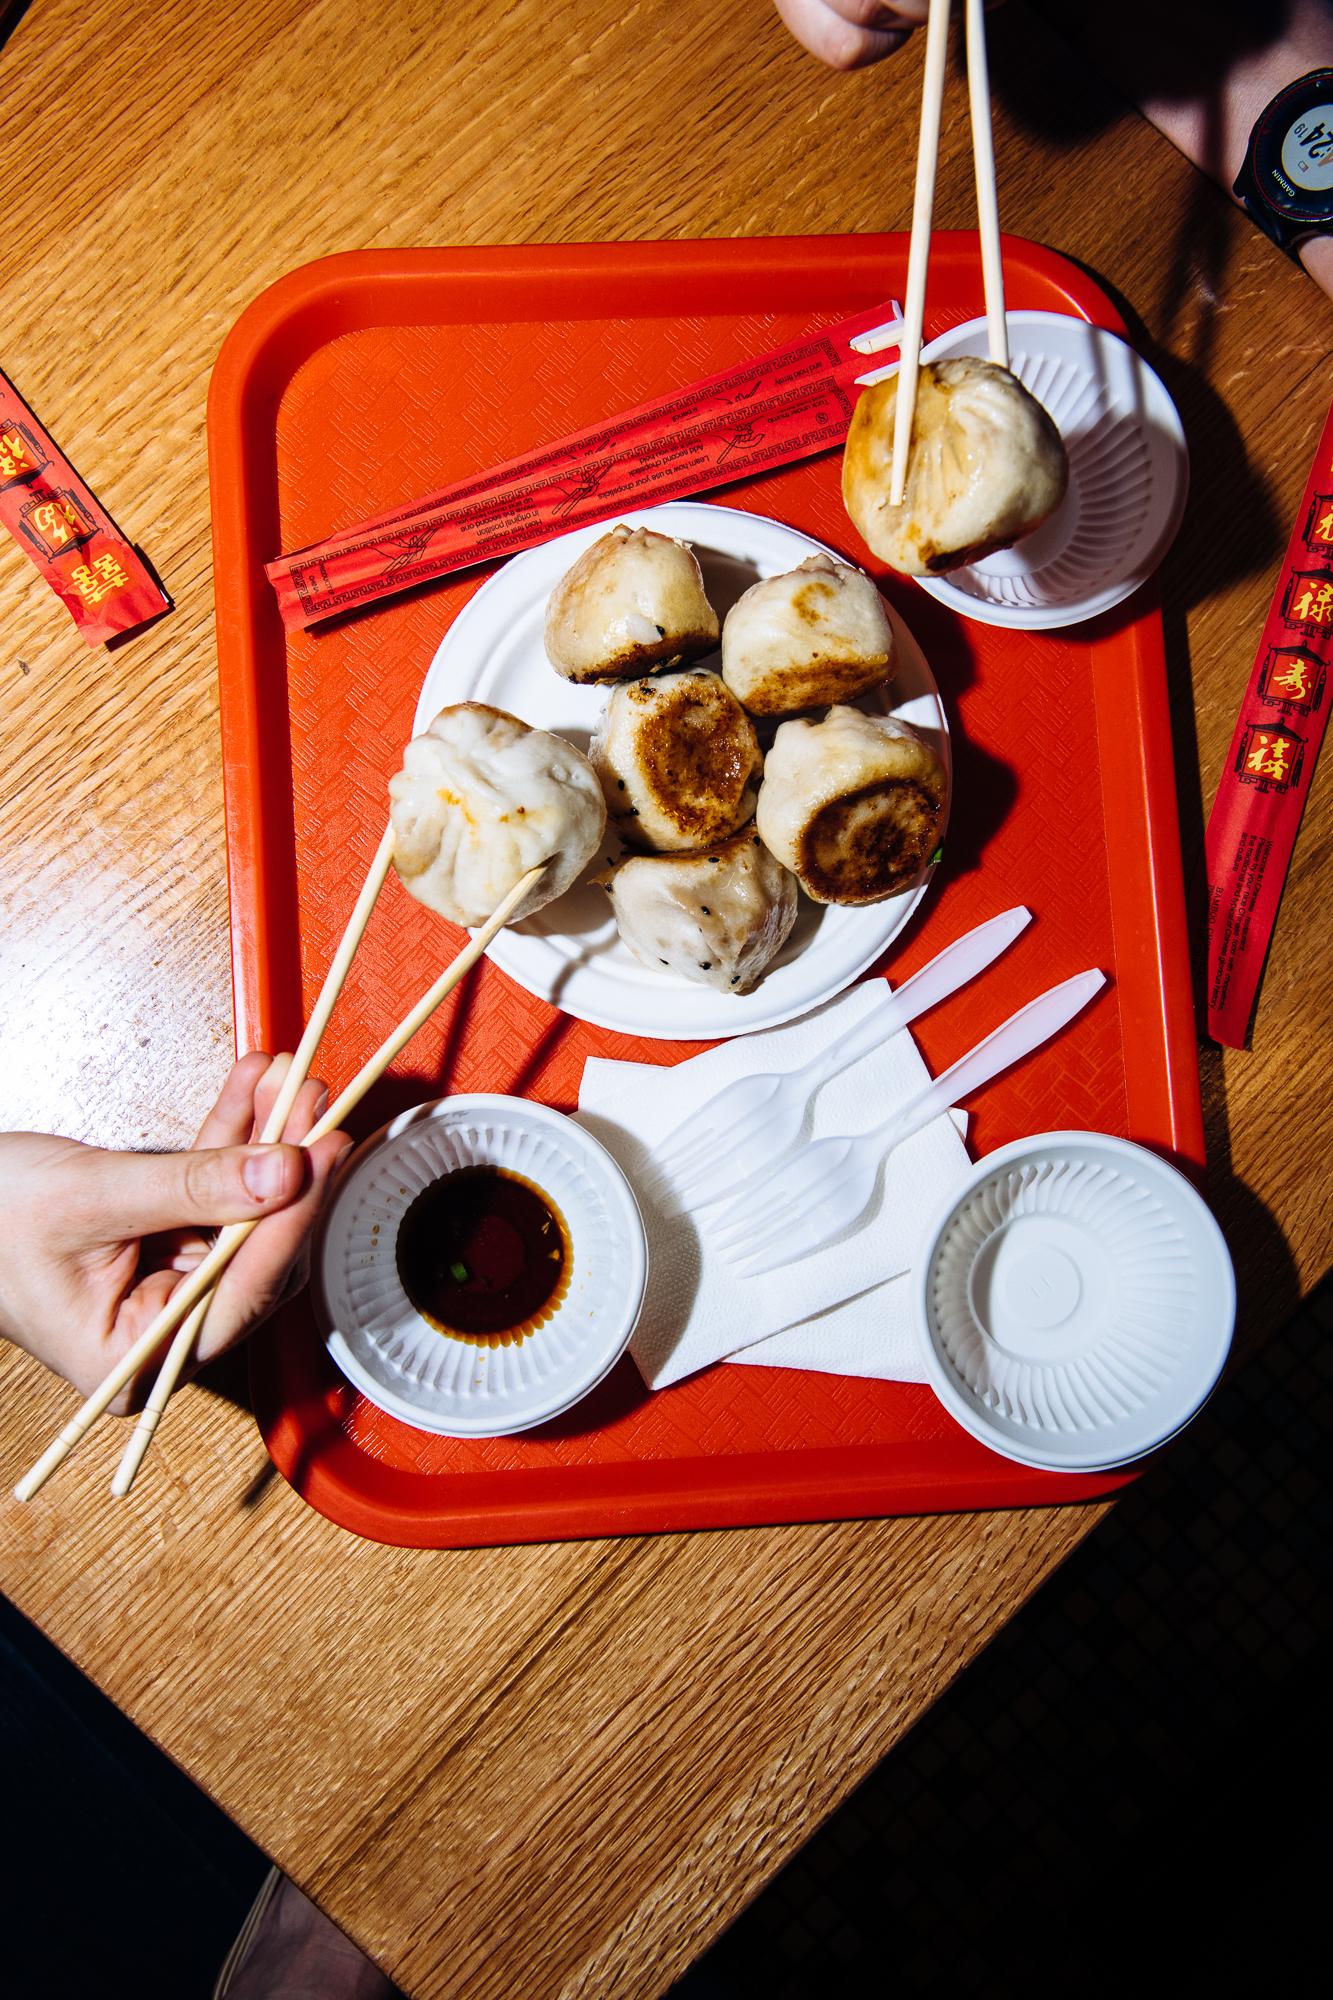 Sheng jian bao at Lao Jie Food at Queens Crossing in Flushing, Queens